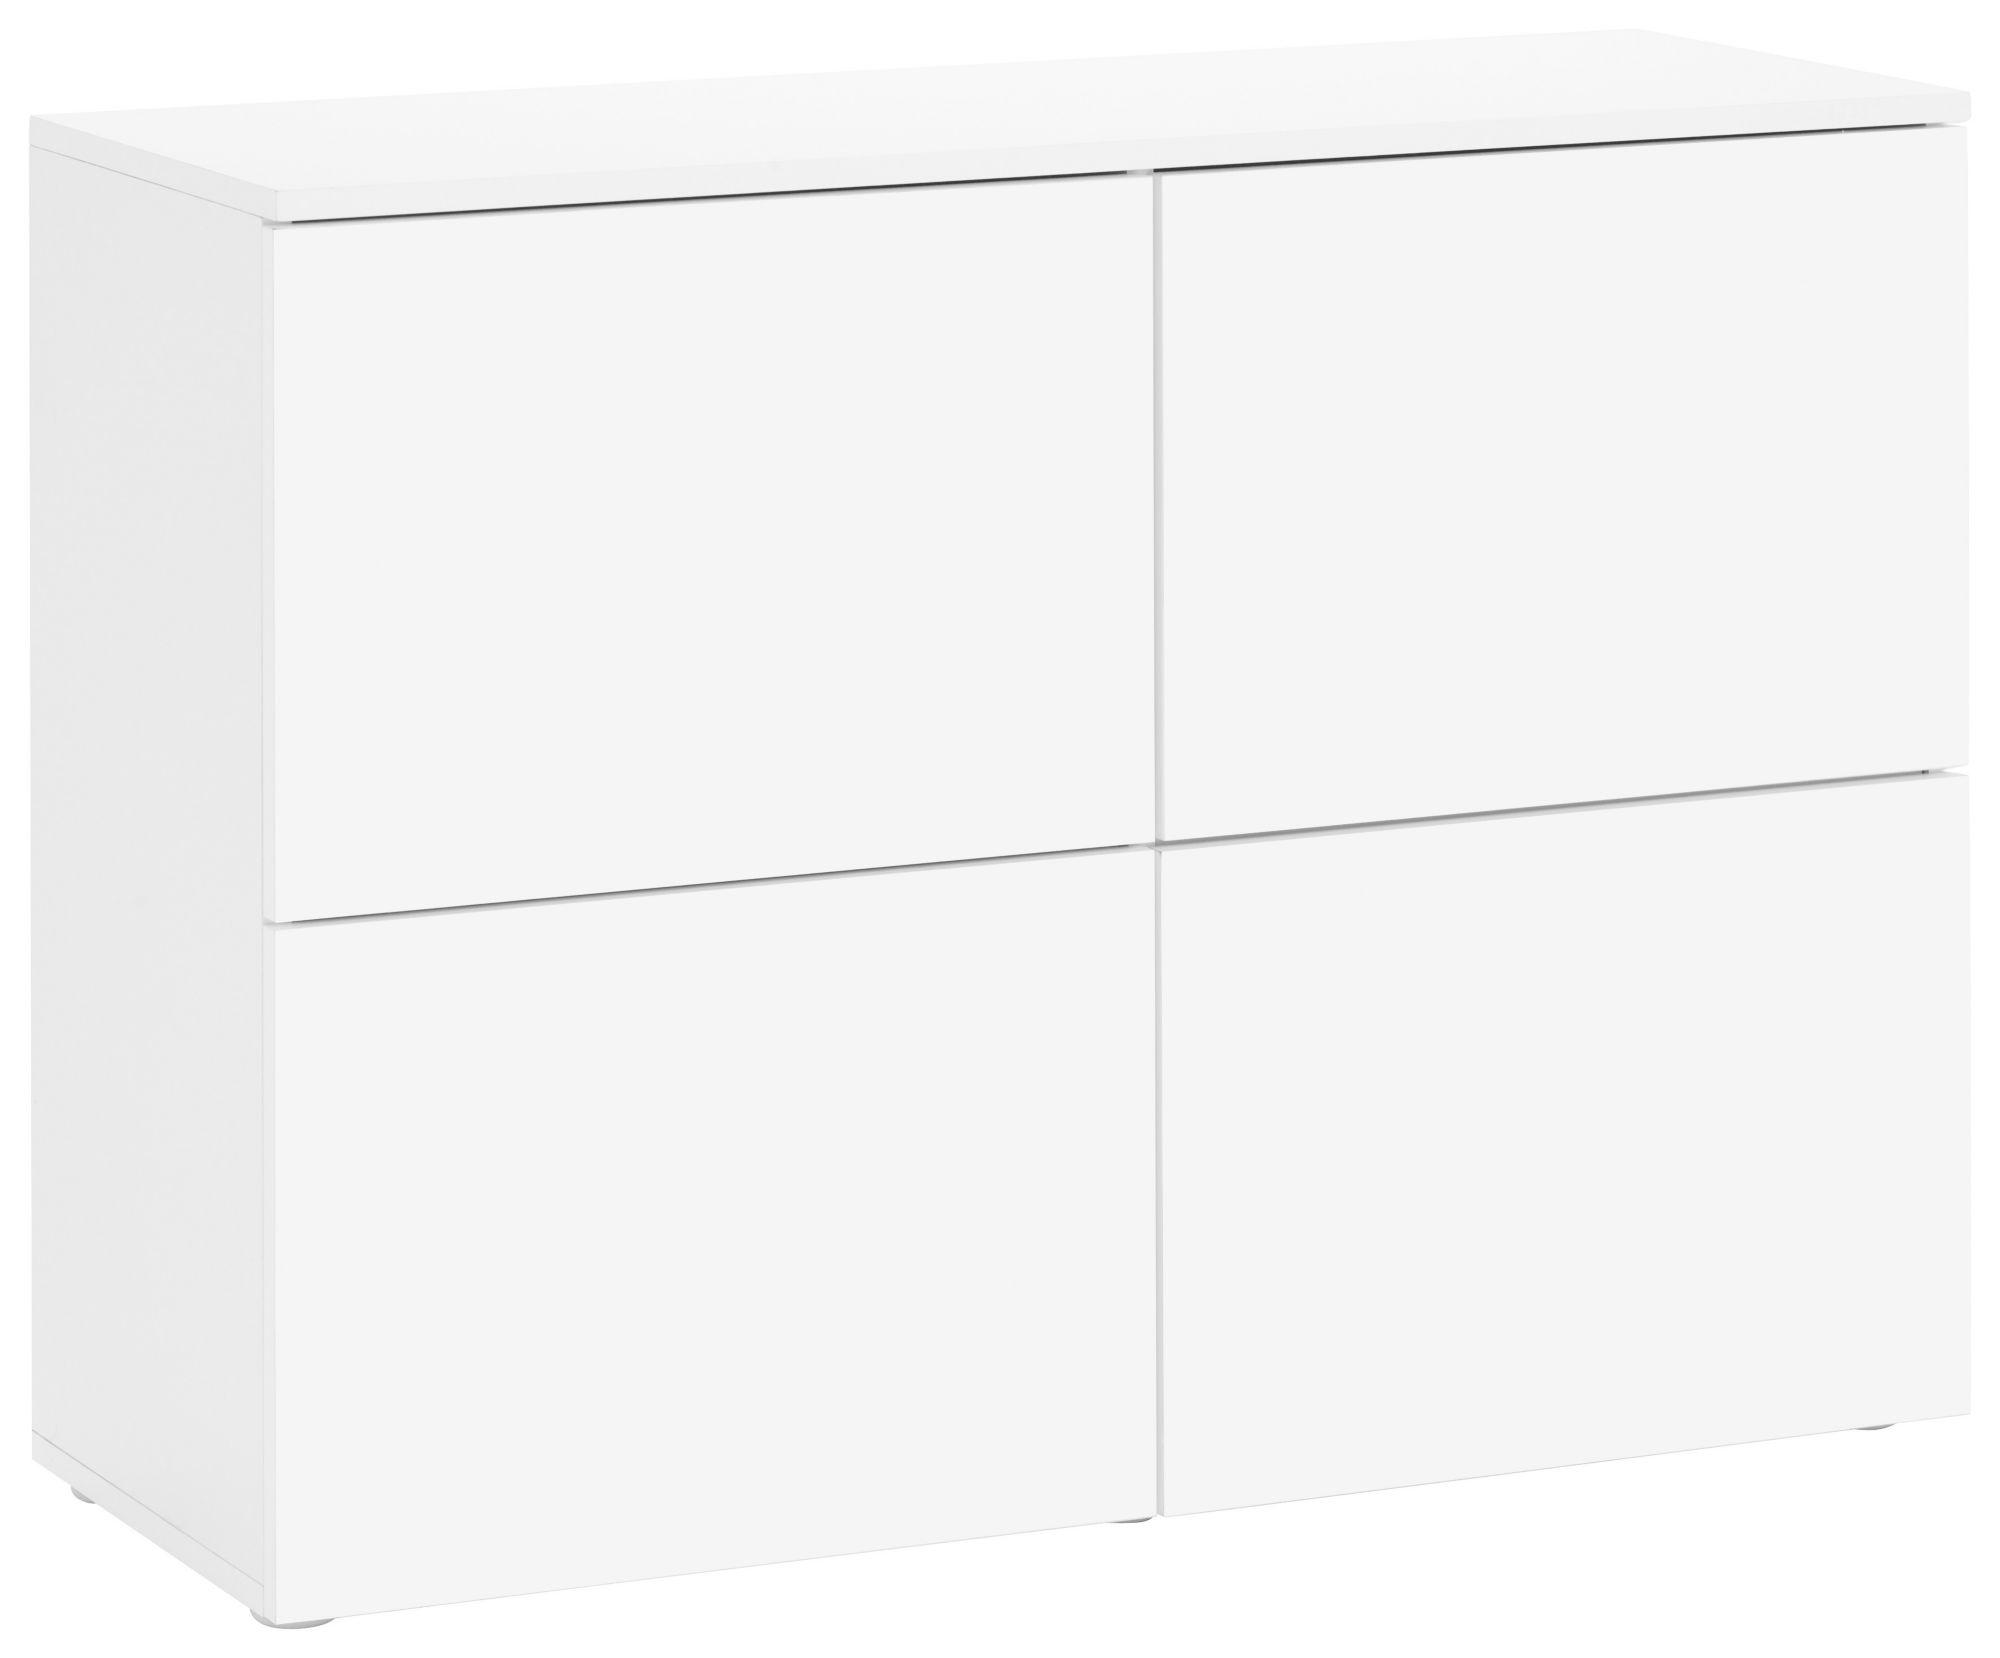 kommode g nstig online kaufen beim schwab versand. Black Bedroom Furniture Sets. Home Design Ideas